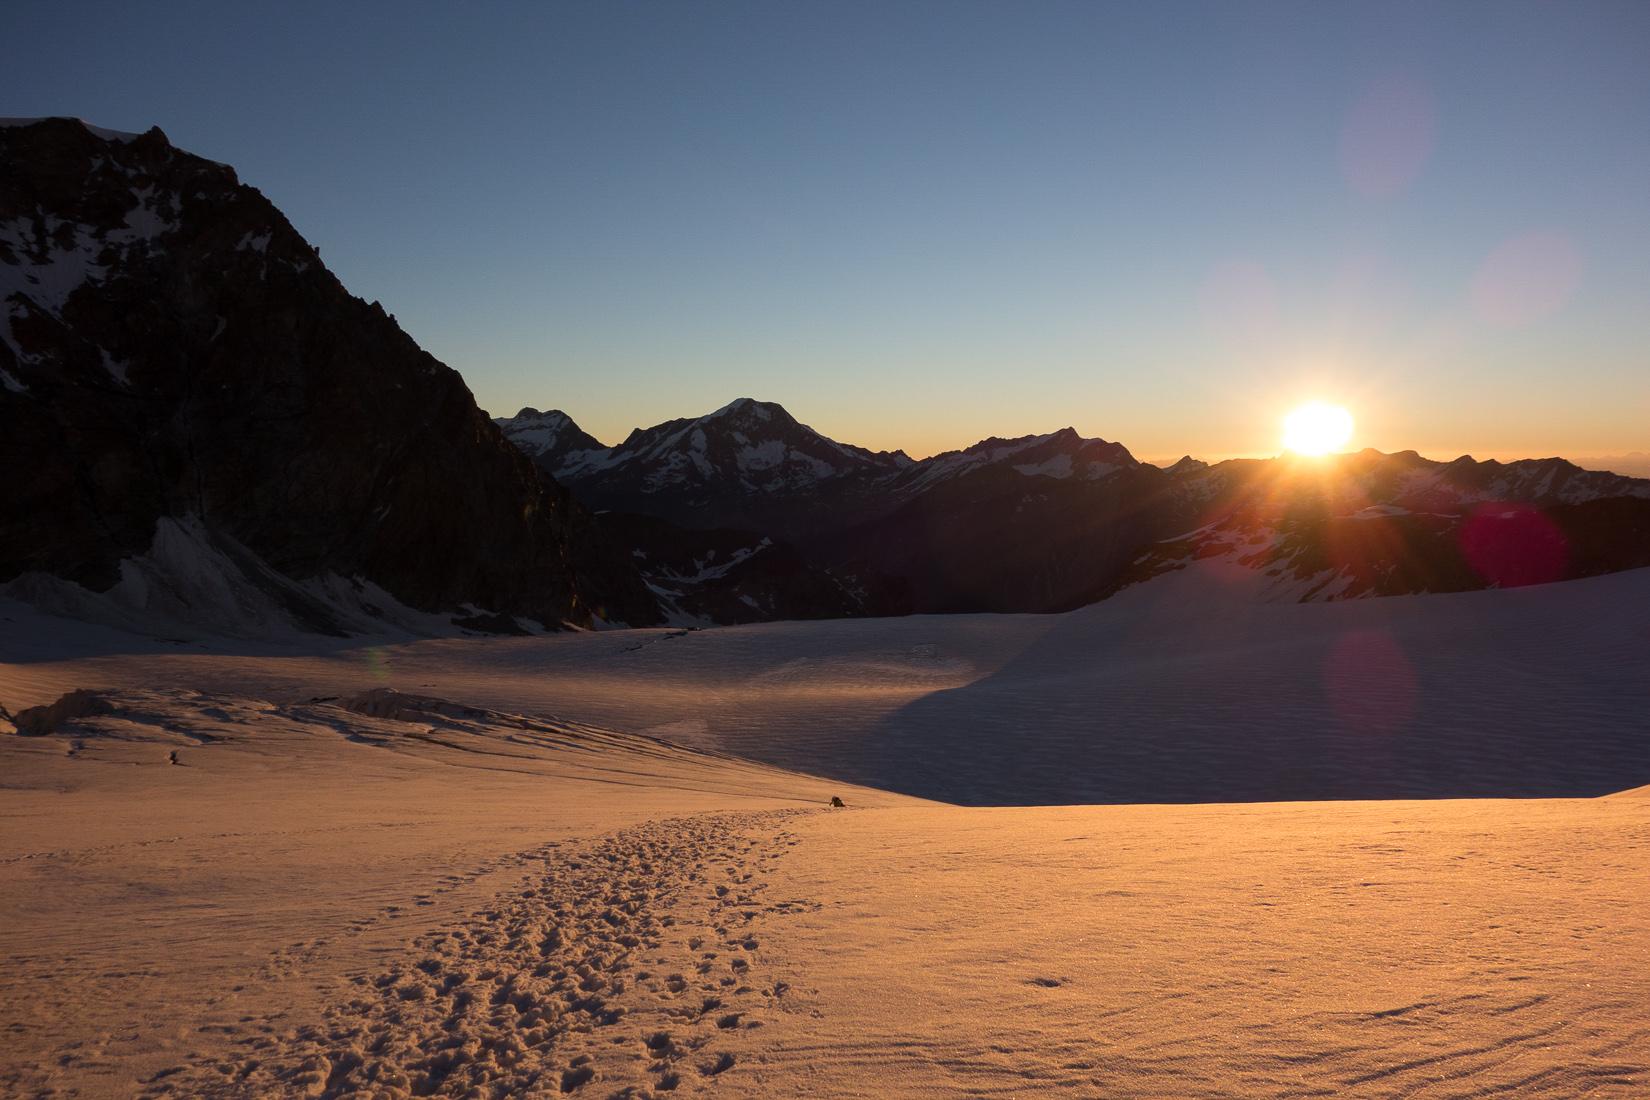 Sunrise on the Allalin glacier